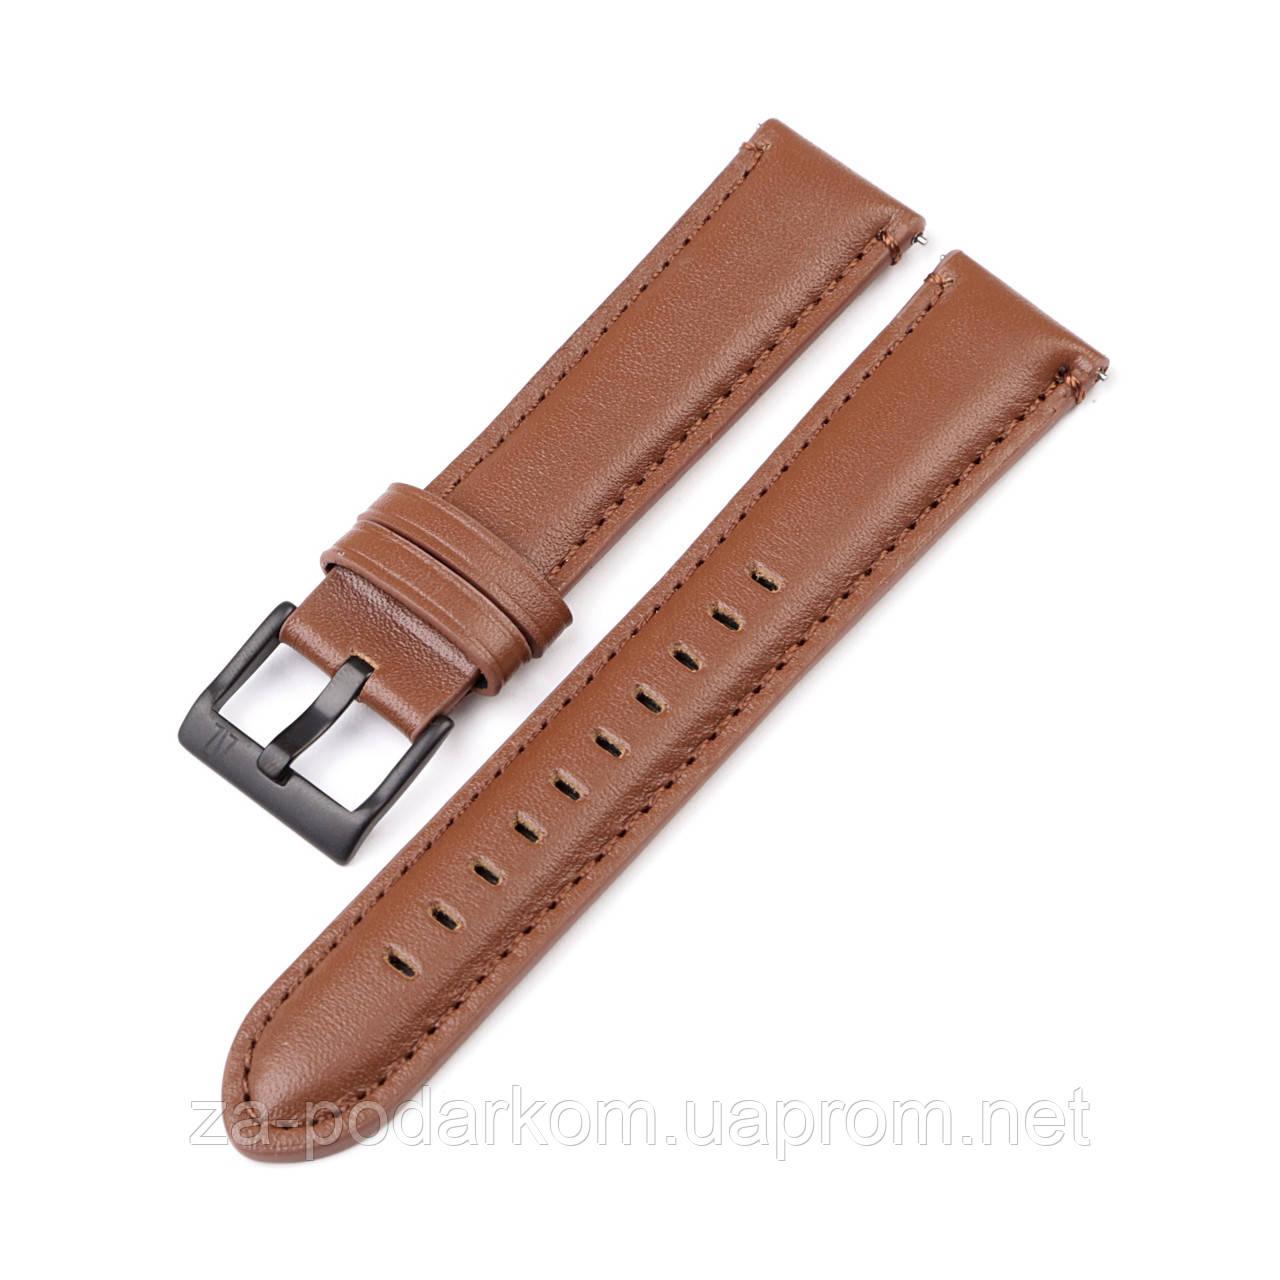 Ремінець для годинника 6 секунд коричневий з натуральної шкіри